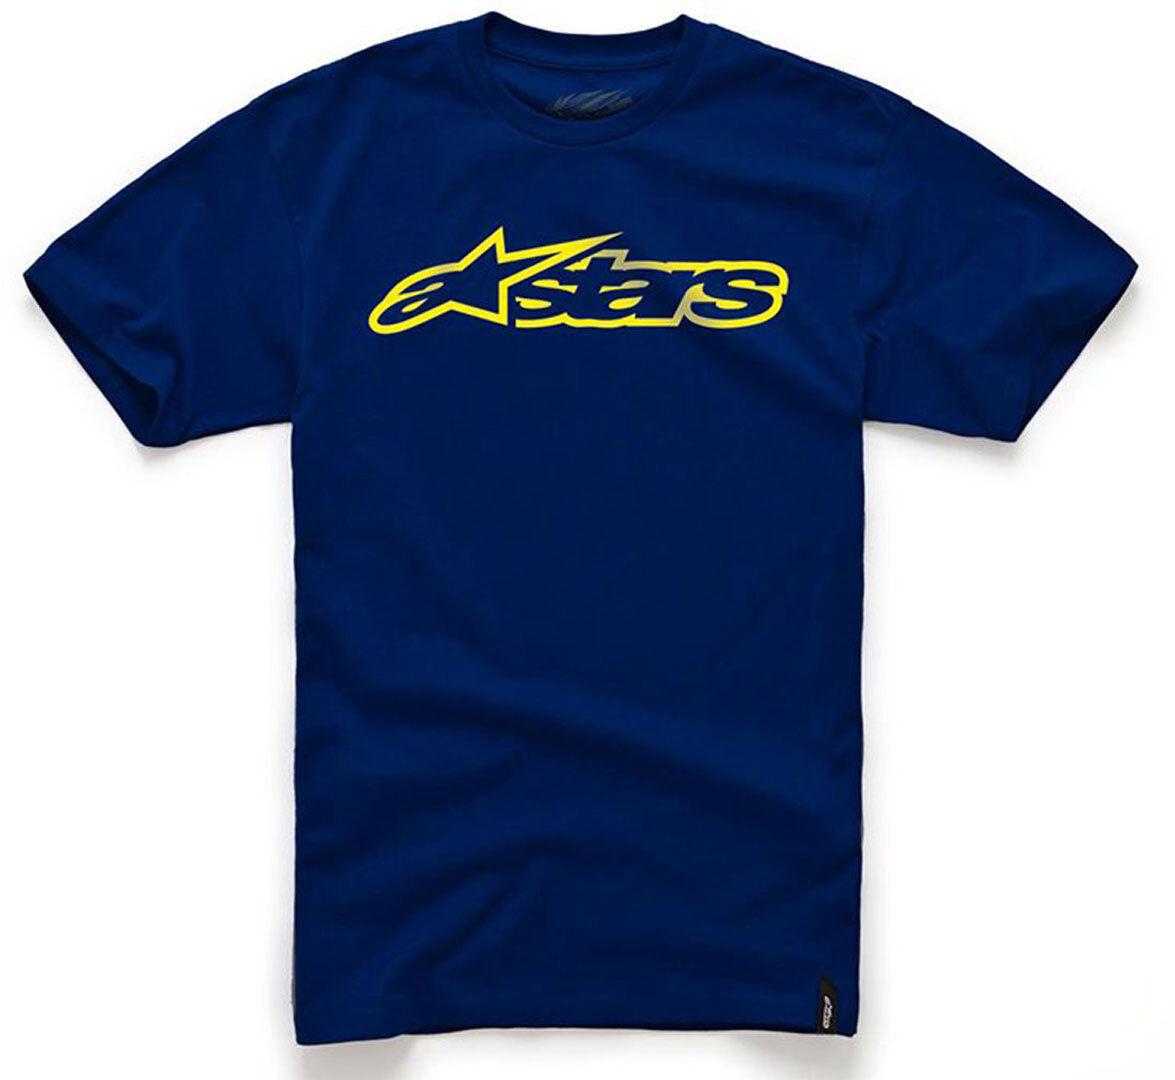 Alpinestars Blaze T-paita  - Sininen Keltainen - Size: M